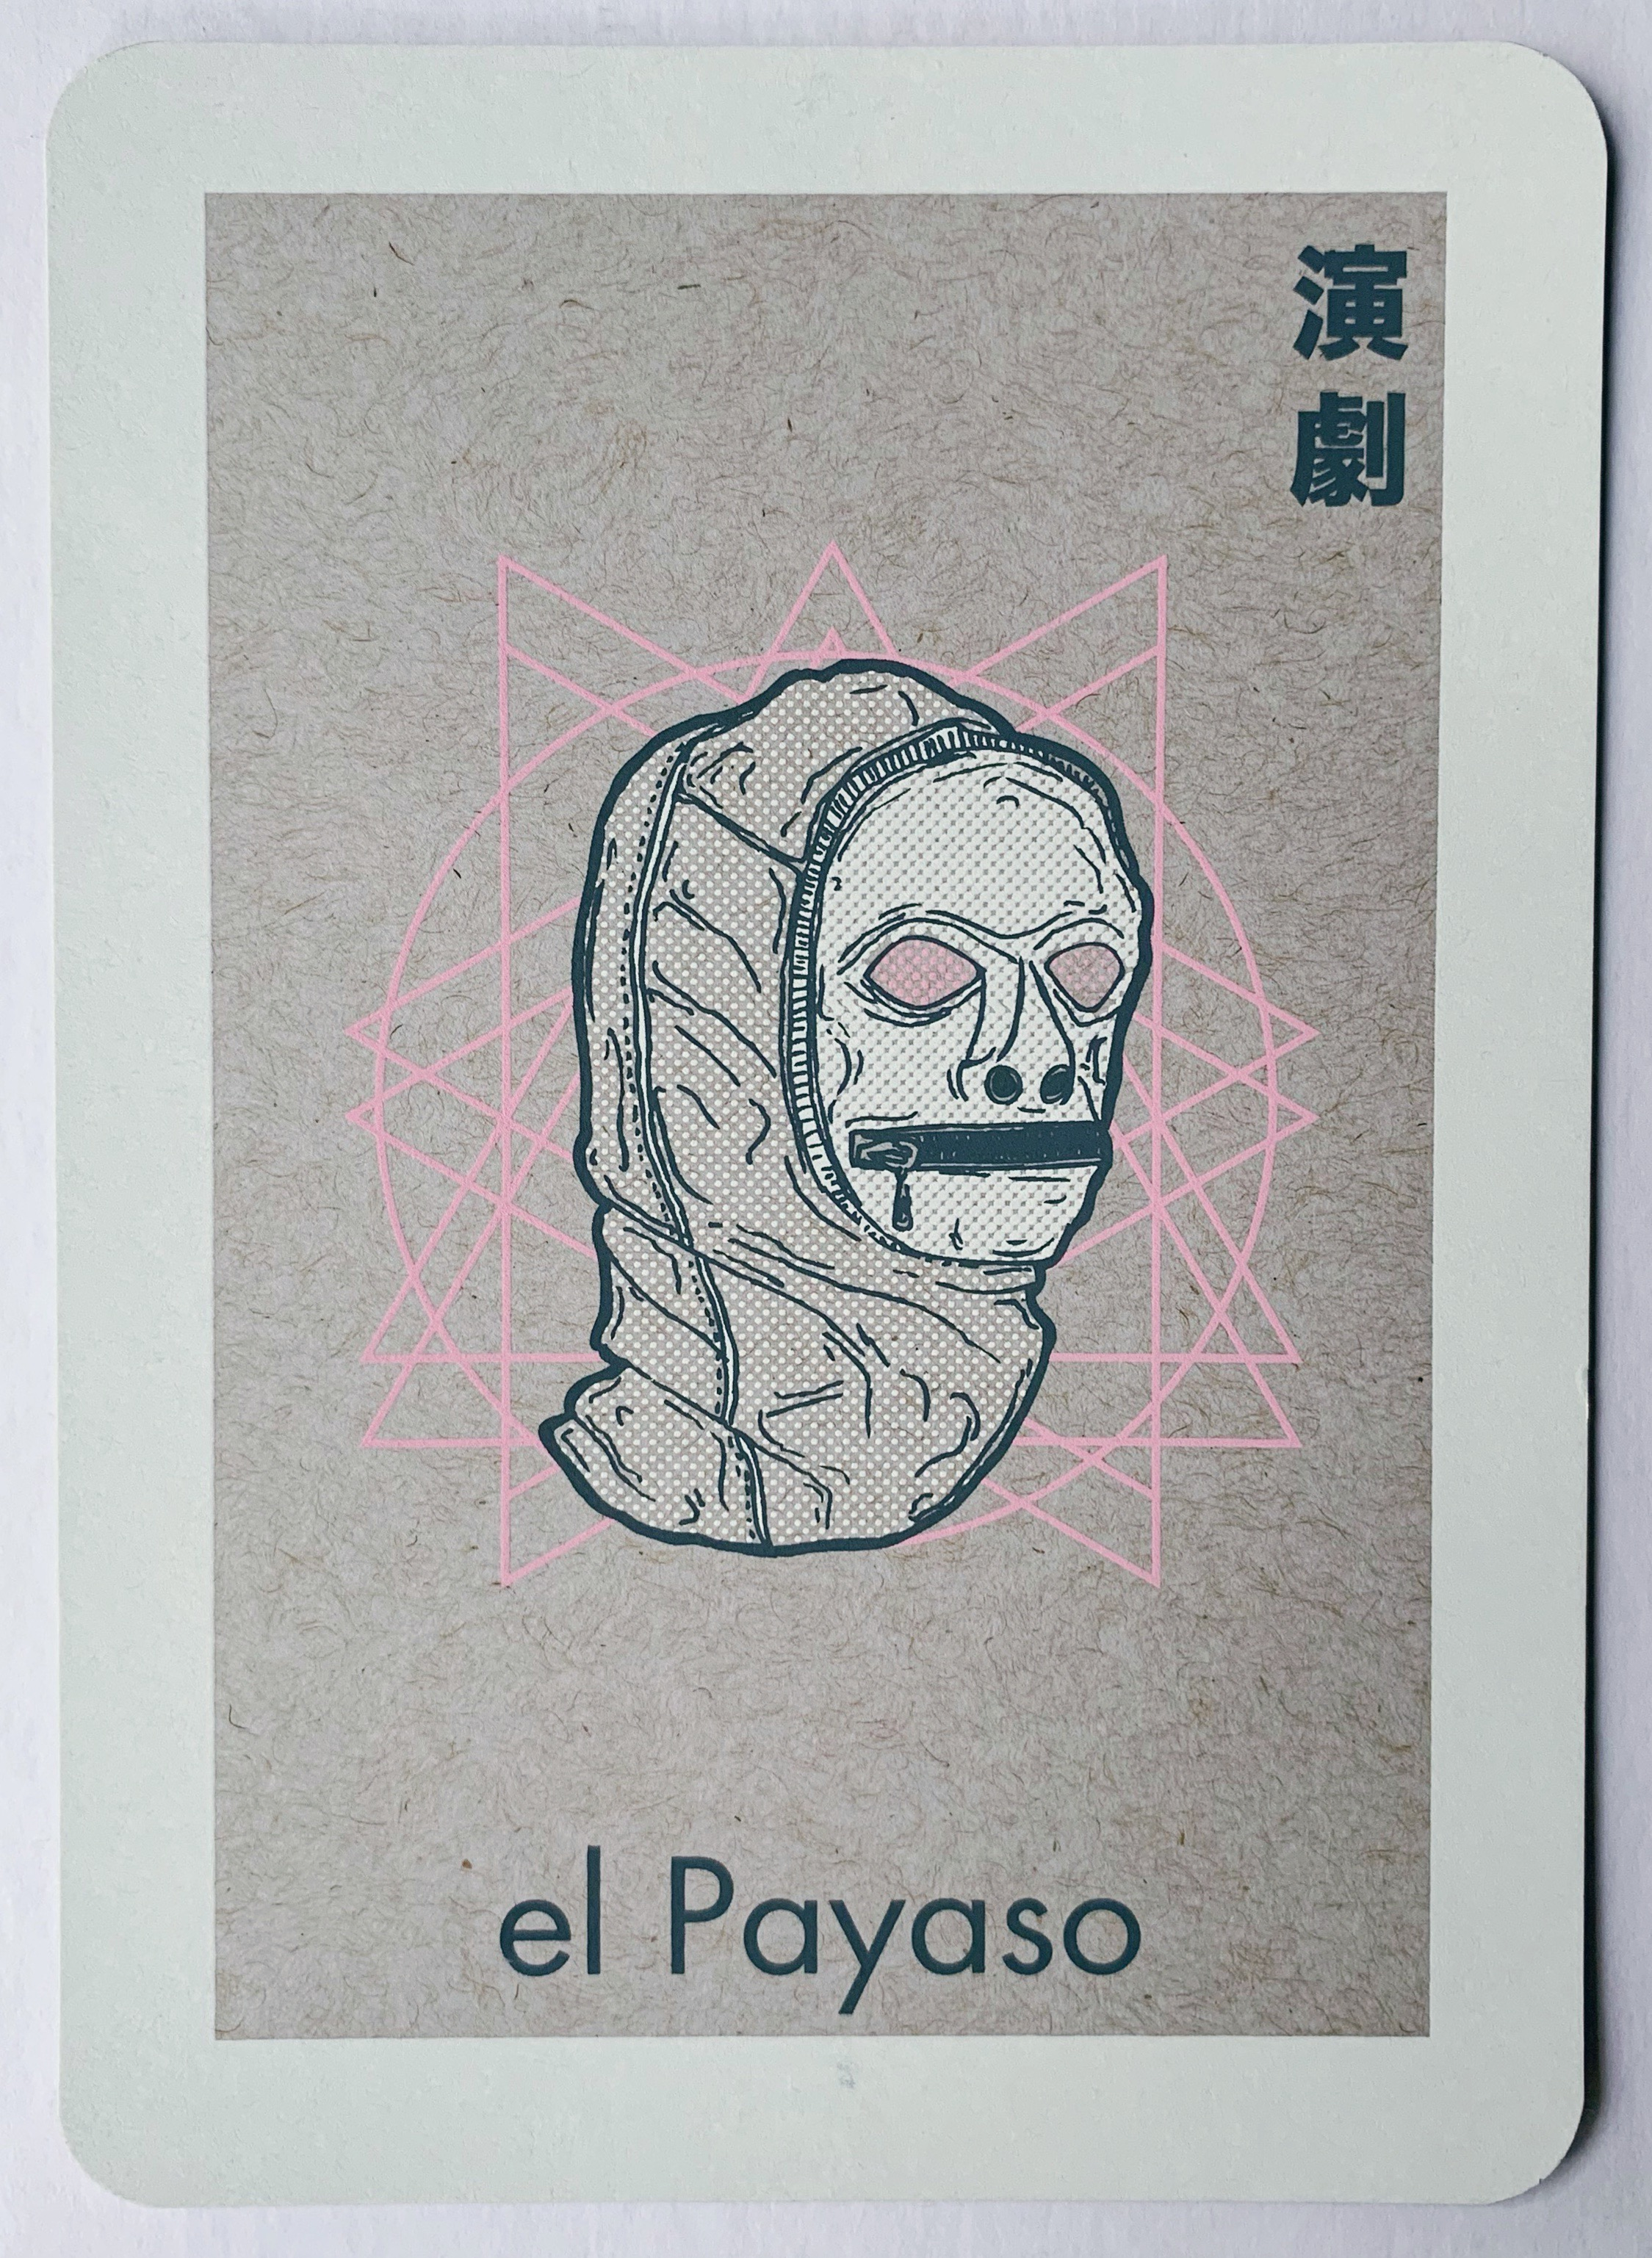 el Payaso, serigraphy, 2017